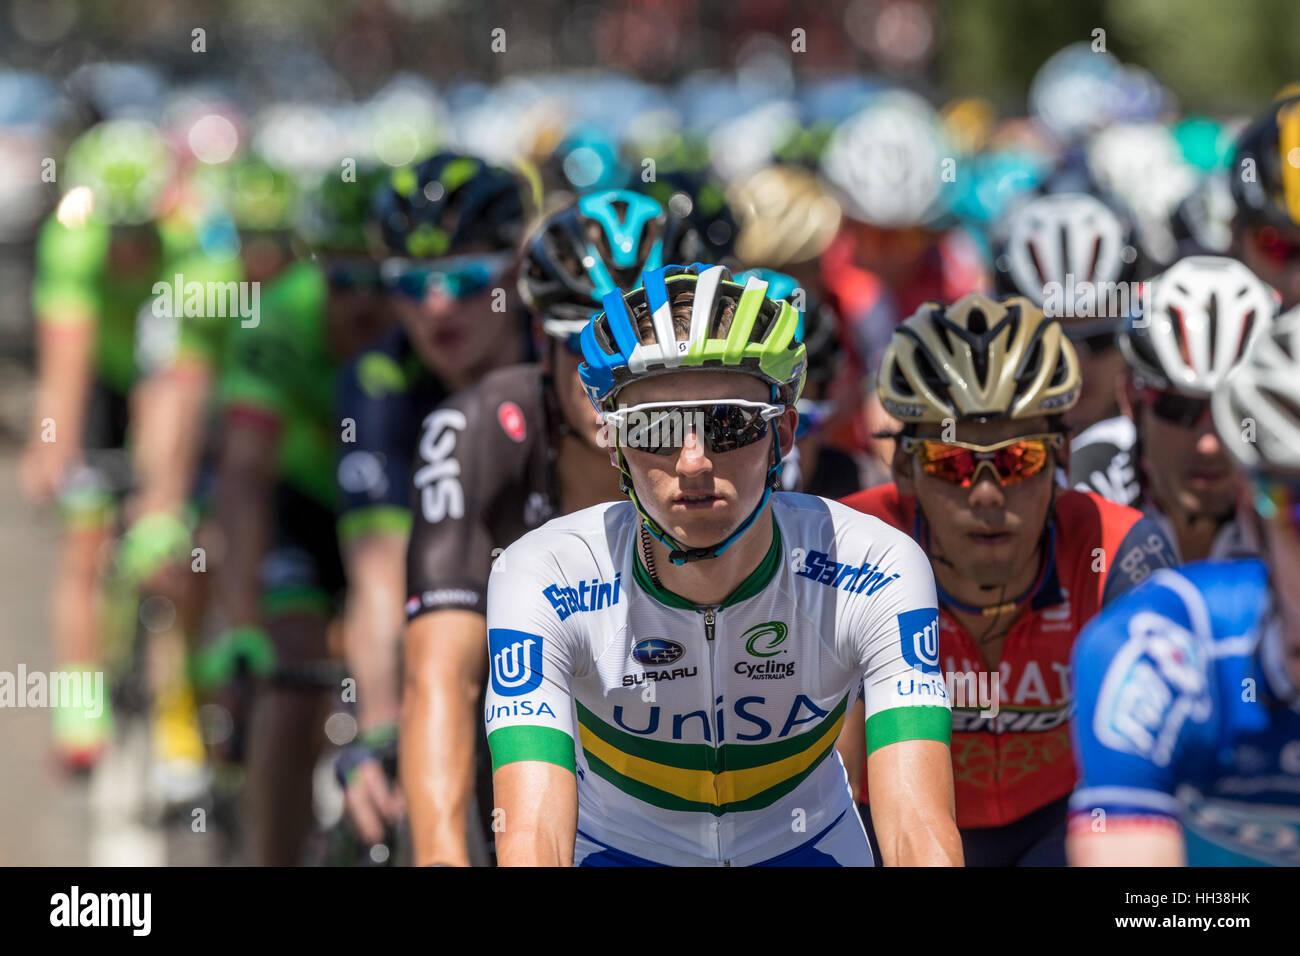 Adélaïde, Australie. 17 janvier, 2017. Les cyclistes de l'équipe de l'UNISA (UNA) lors de Photo Stock